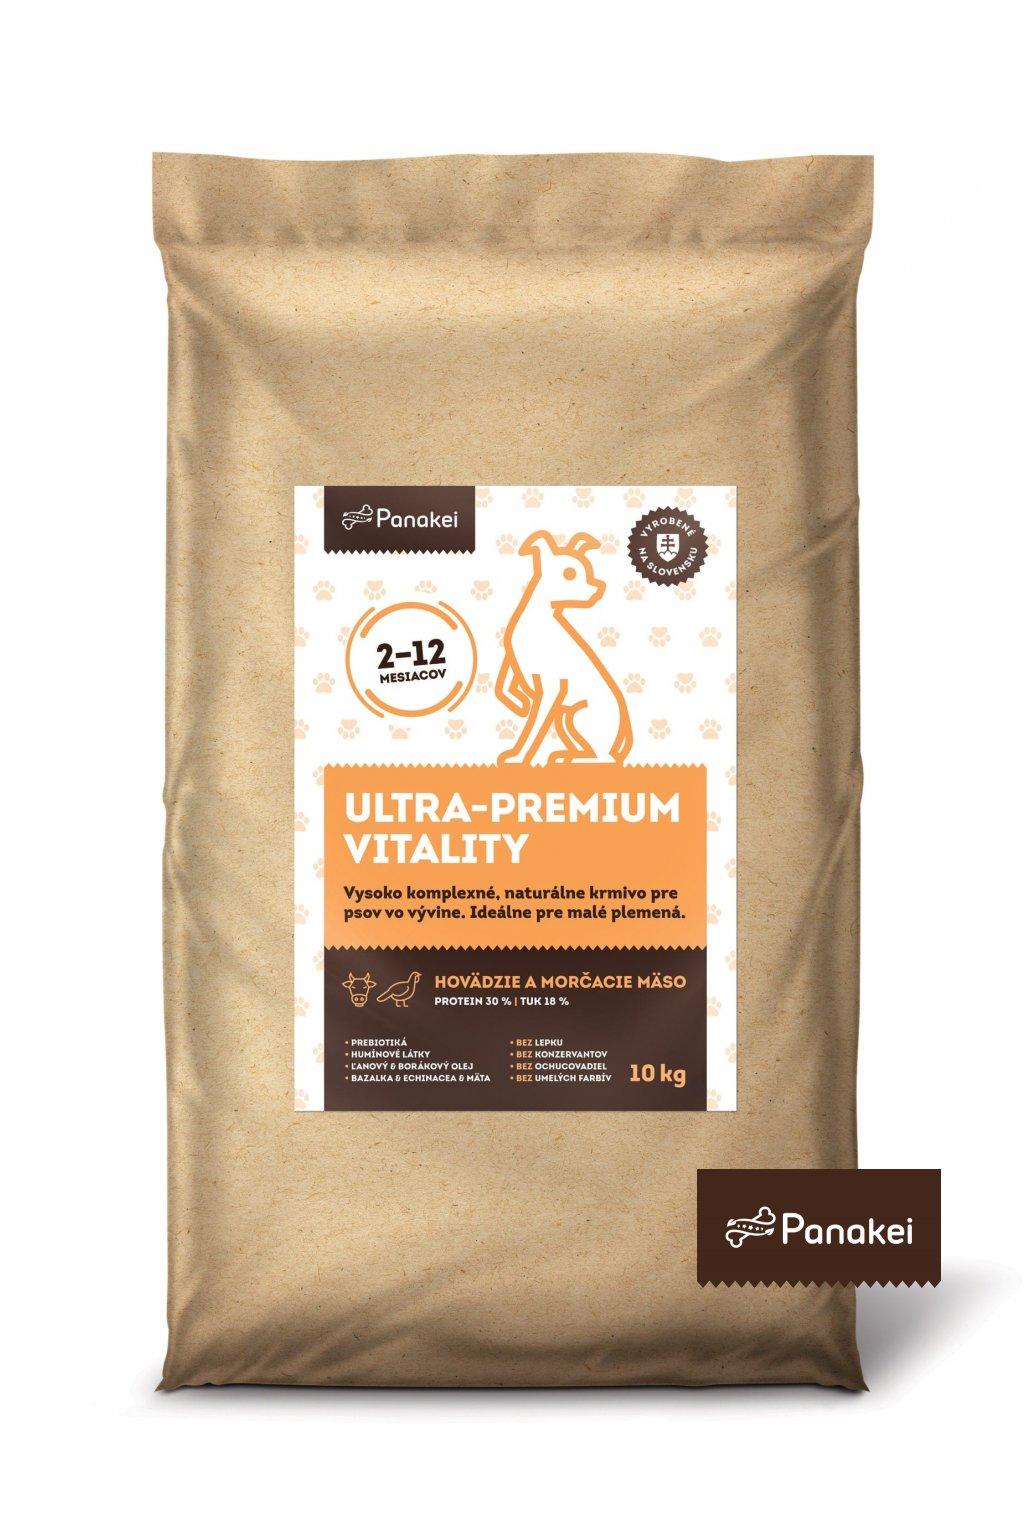 Pack2 ULTRAPREMIUM VITALITY stenata XS S 10kg 2 min min